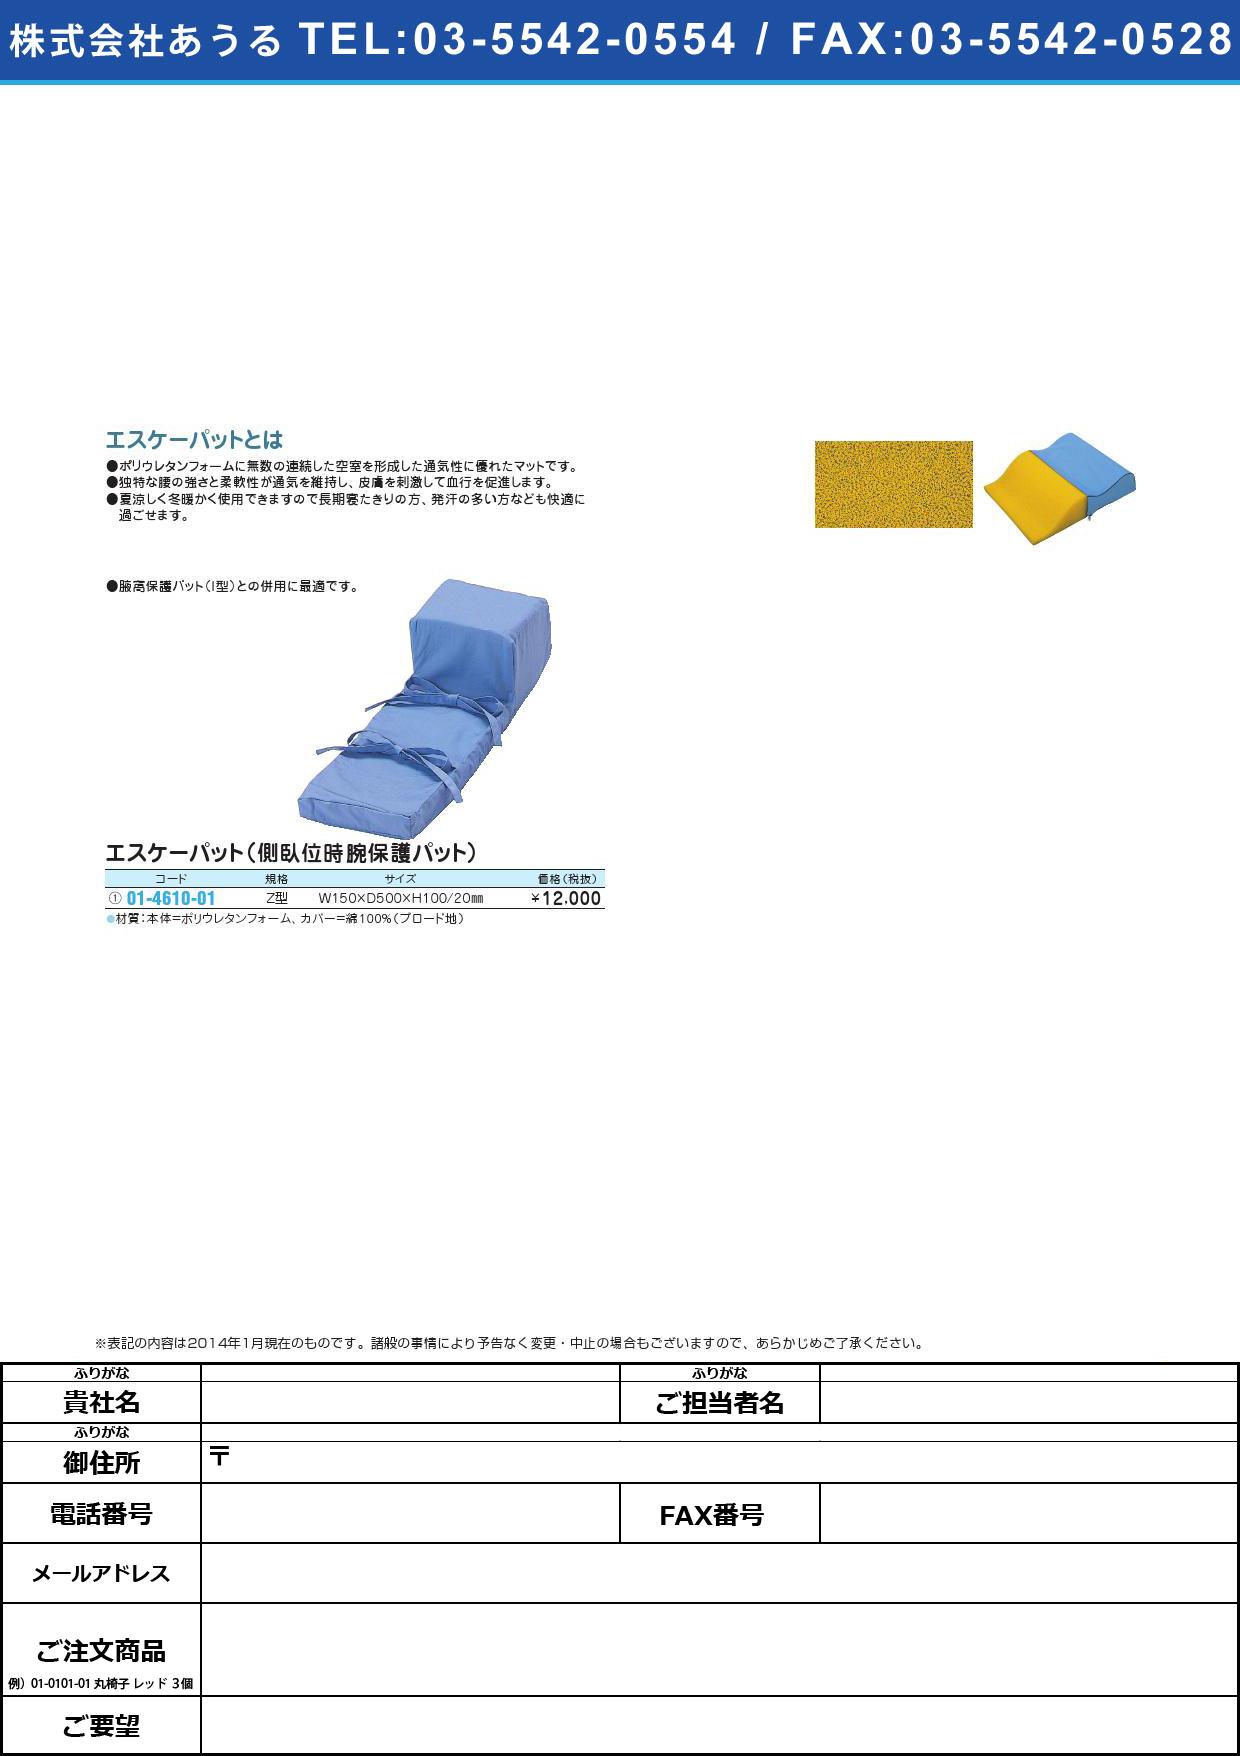 エスケーパット(側臥位腕保護パット) エスケーパット Zガタ【1個単位】(01-4610-01)